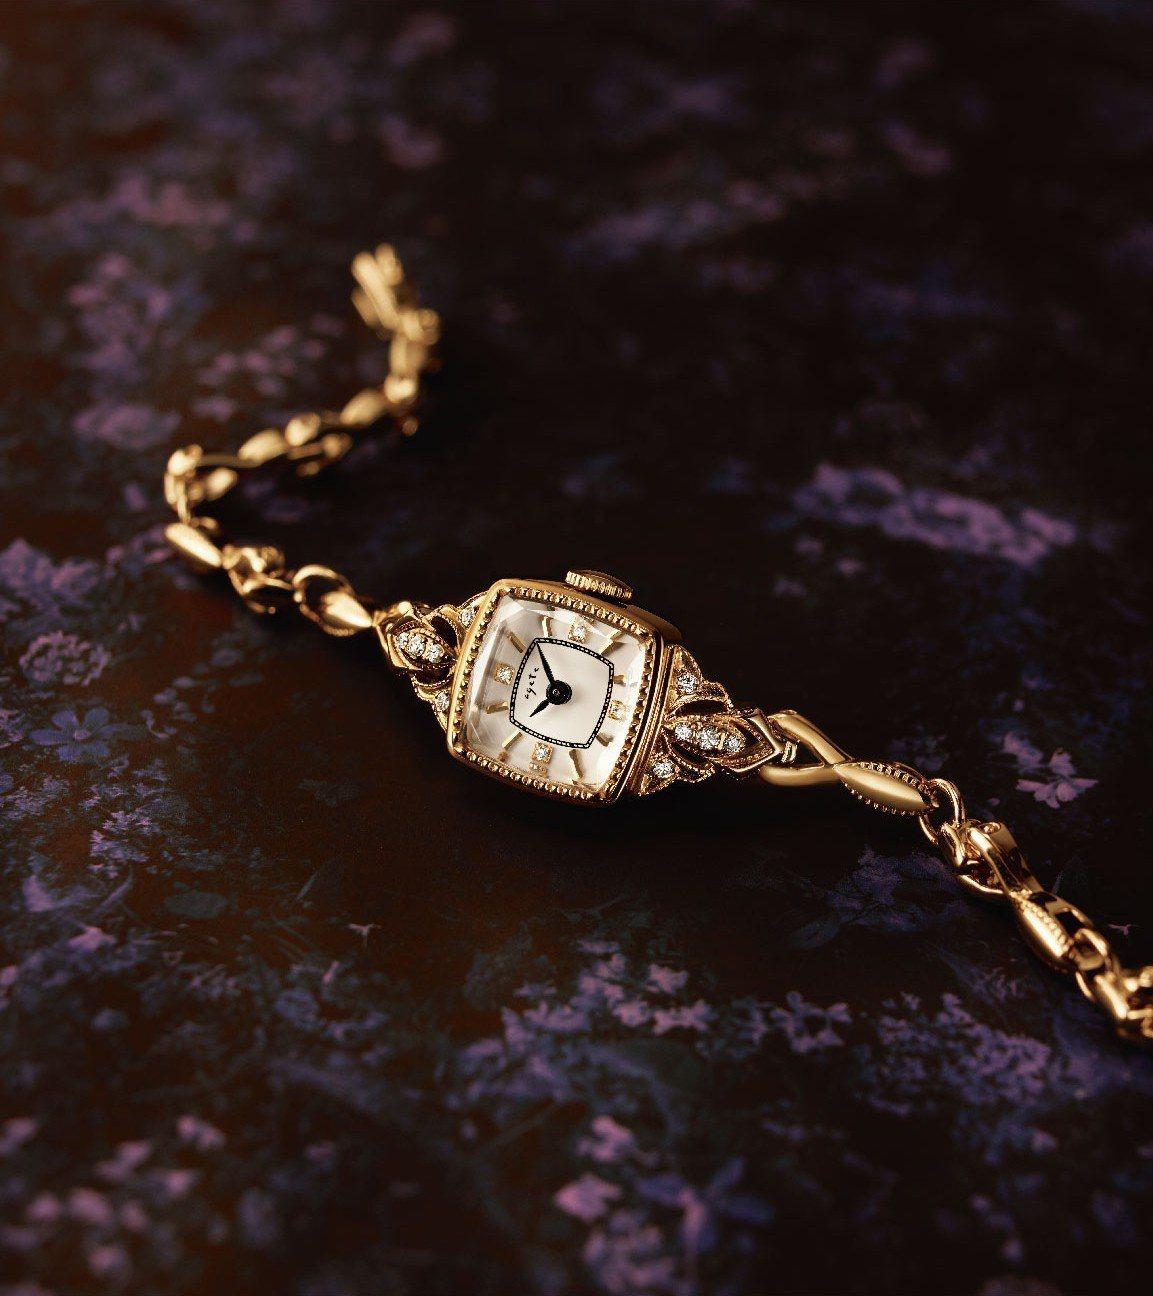 冬季限定手表,售價47,500元。圖/agete提供